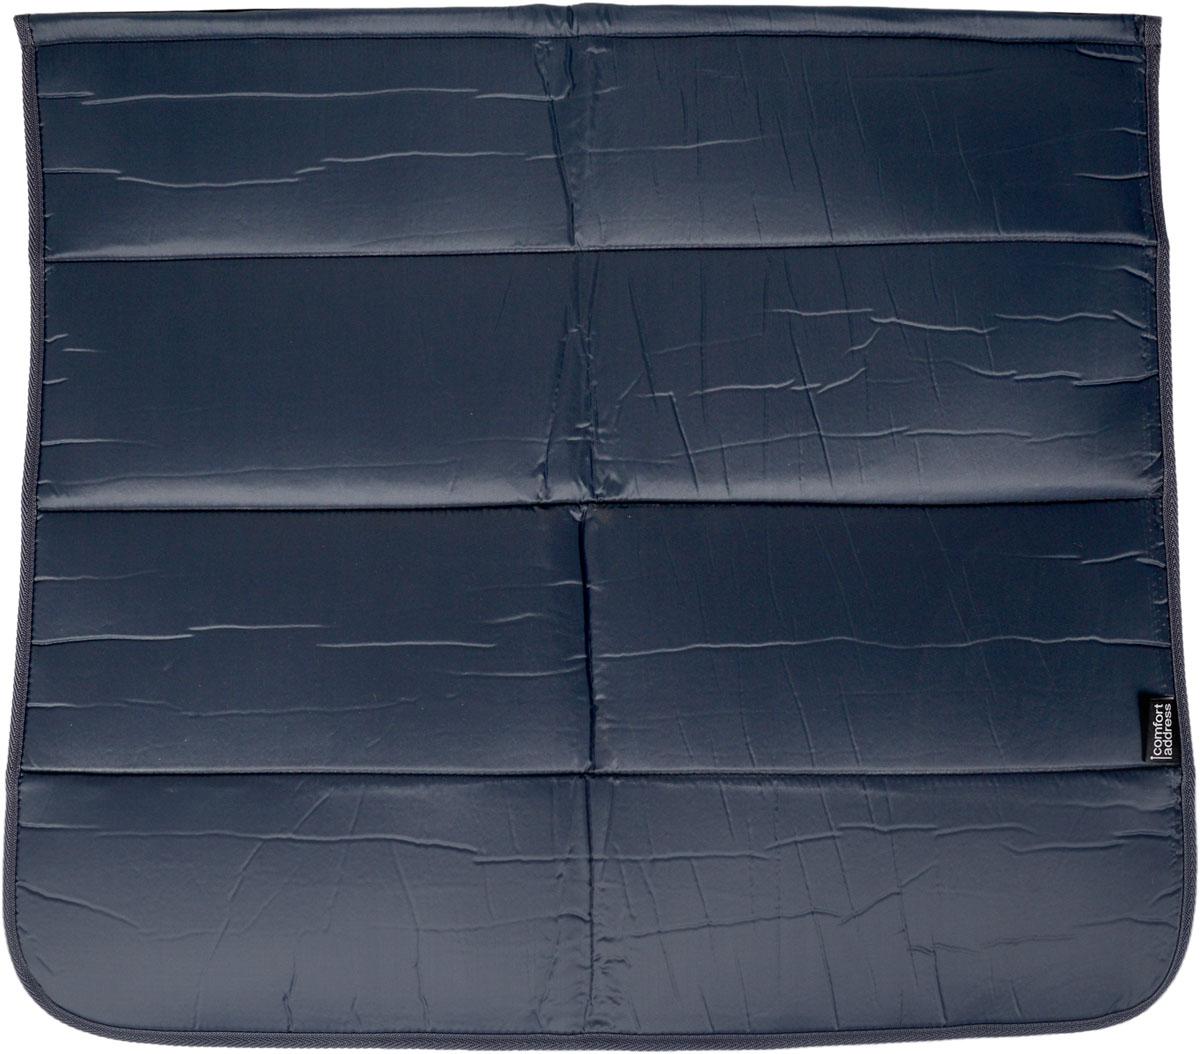 Накидка на бампер Comfort Adress, цвет: серый, 75 х 65 смCM000001326Накидка на бампер Comfort Adress предназначена длязащиты одежды от грязи при погрузке или выгрузке вещейиз багажника, при работе в моторном отсеке, во времядолива масла или незамерзающей жидкости. Такженакидку можно использовать при установке домкрата изамене колеса.- Универсальна и проста в установке.- Крепится при помощи липучки.- В сложенном виде занимает всего лишь 15 см. - Обладает водоотталкивающими свойствами, проста вчистке.